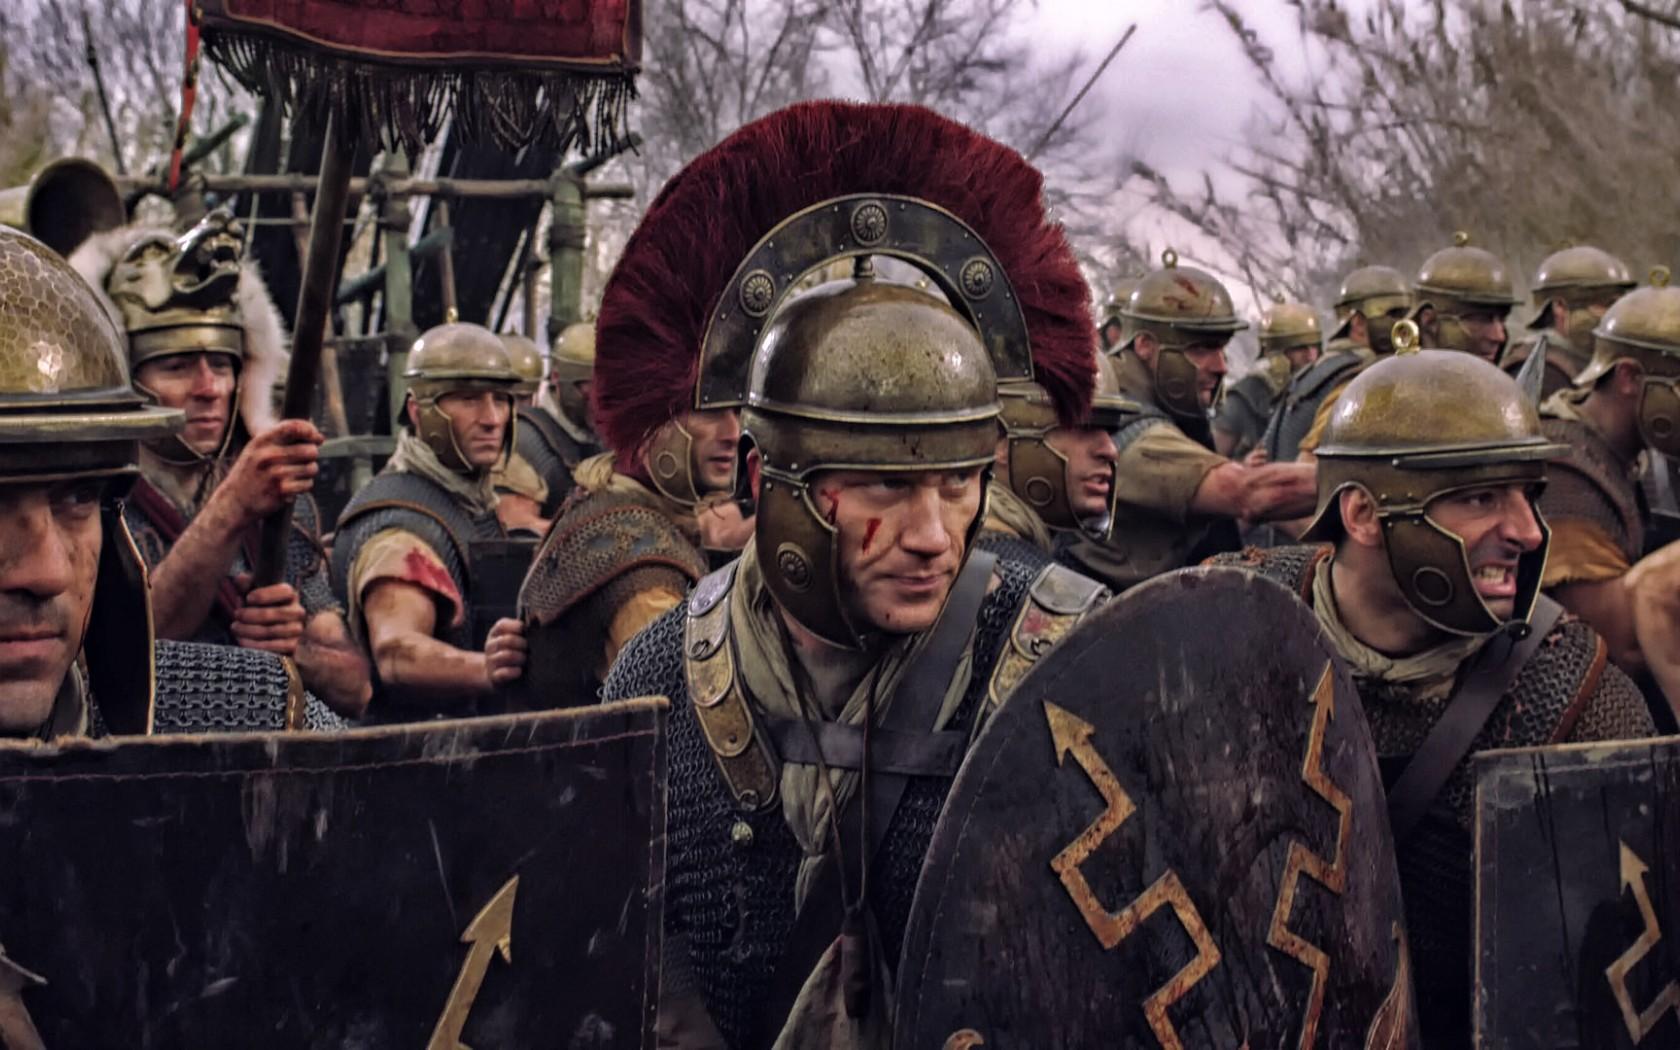 ... Image Rome, centurion lucius vorenus, legionary, roman army, legio, tv series